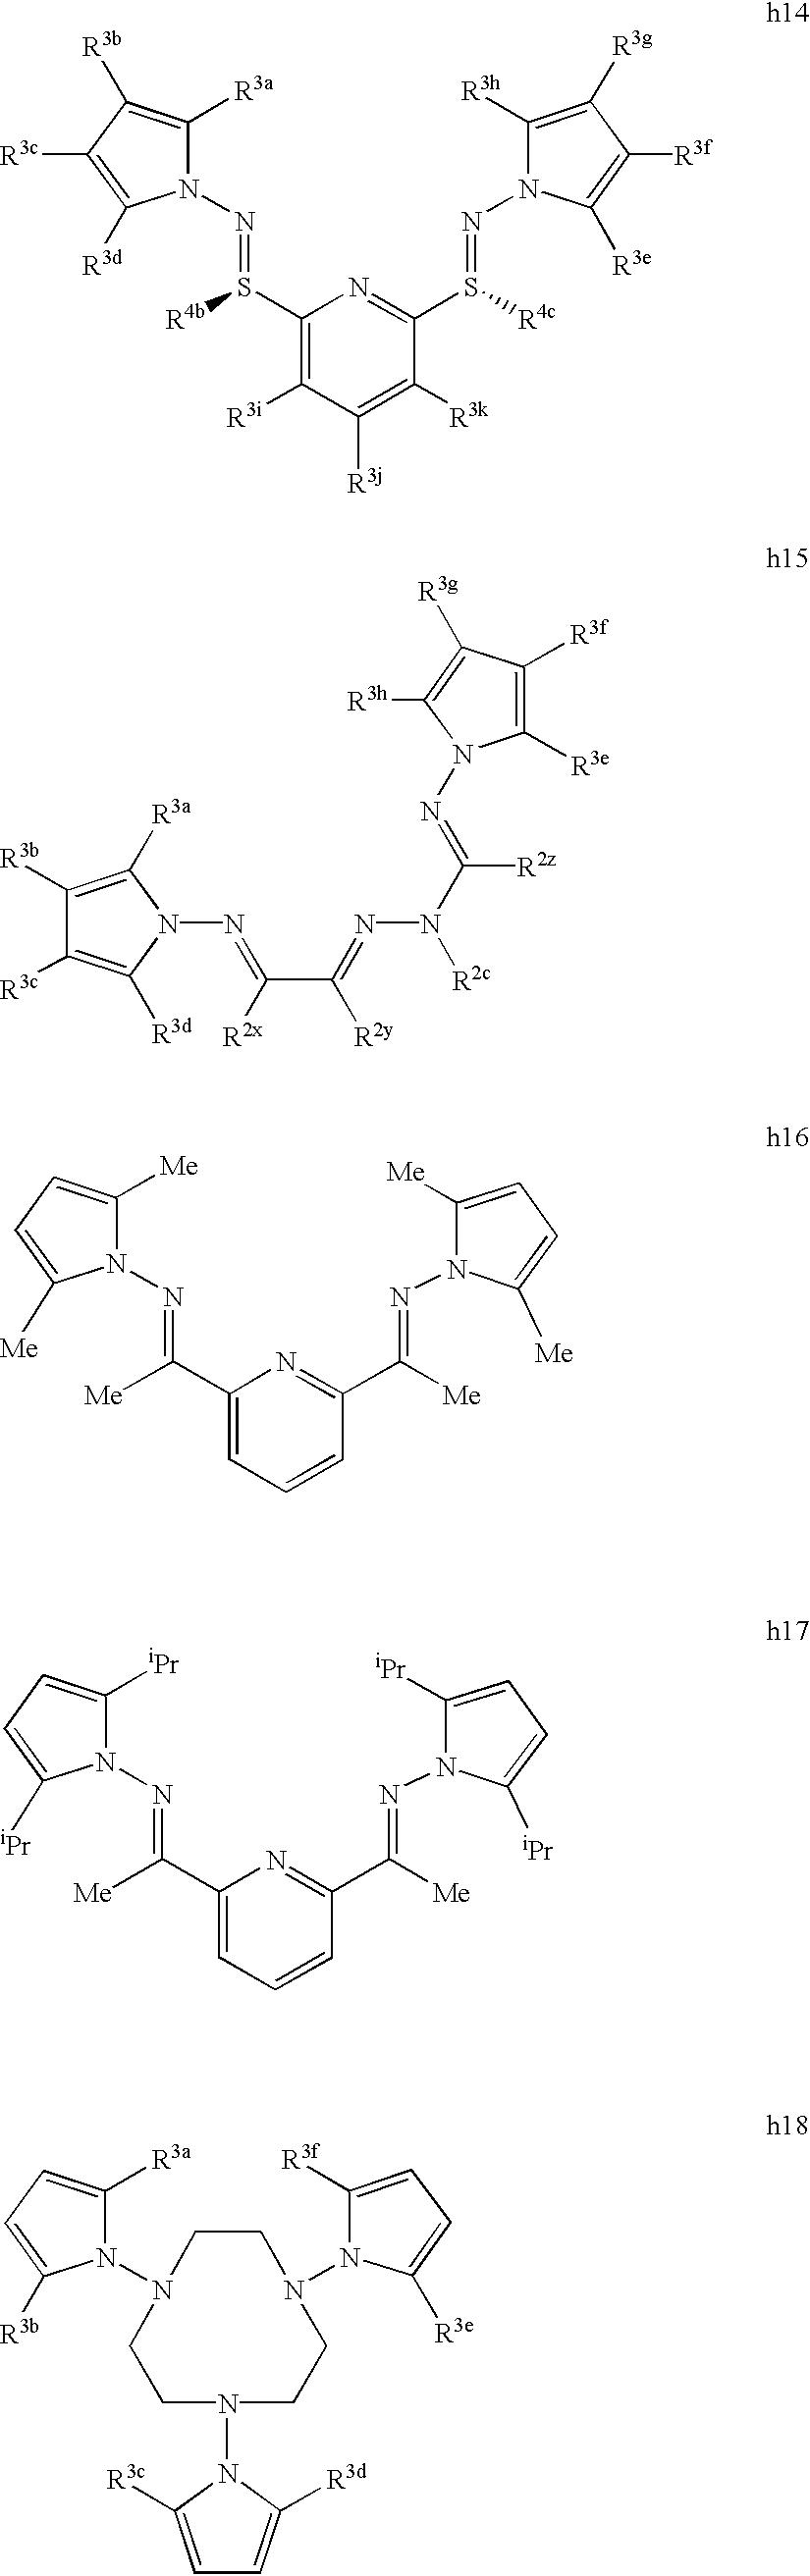 Figure US06545108-20030408-C00036